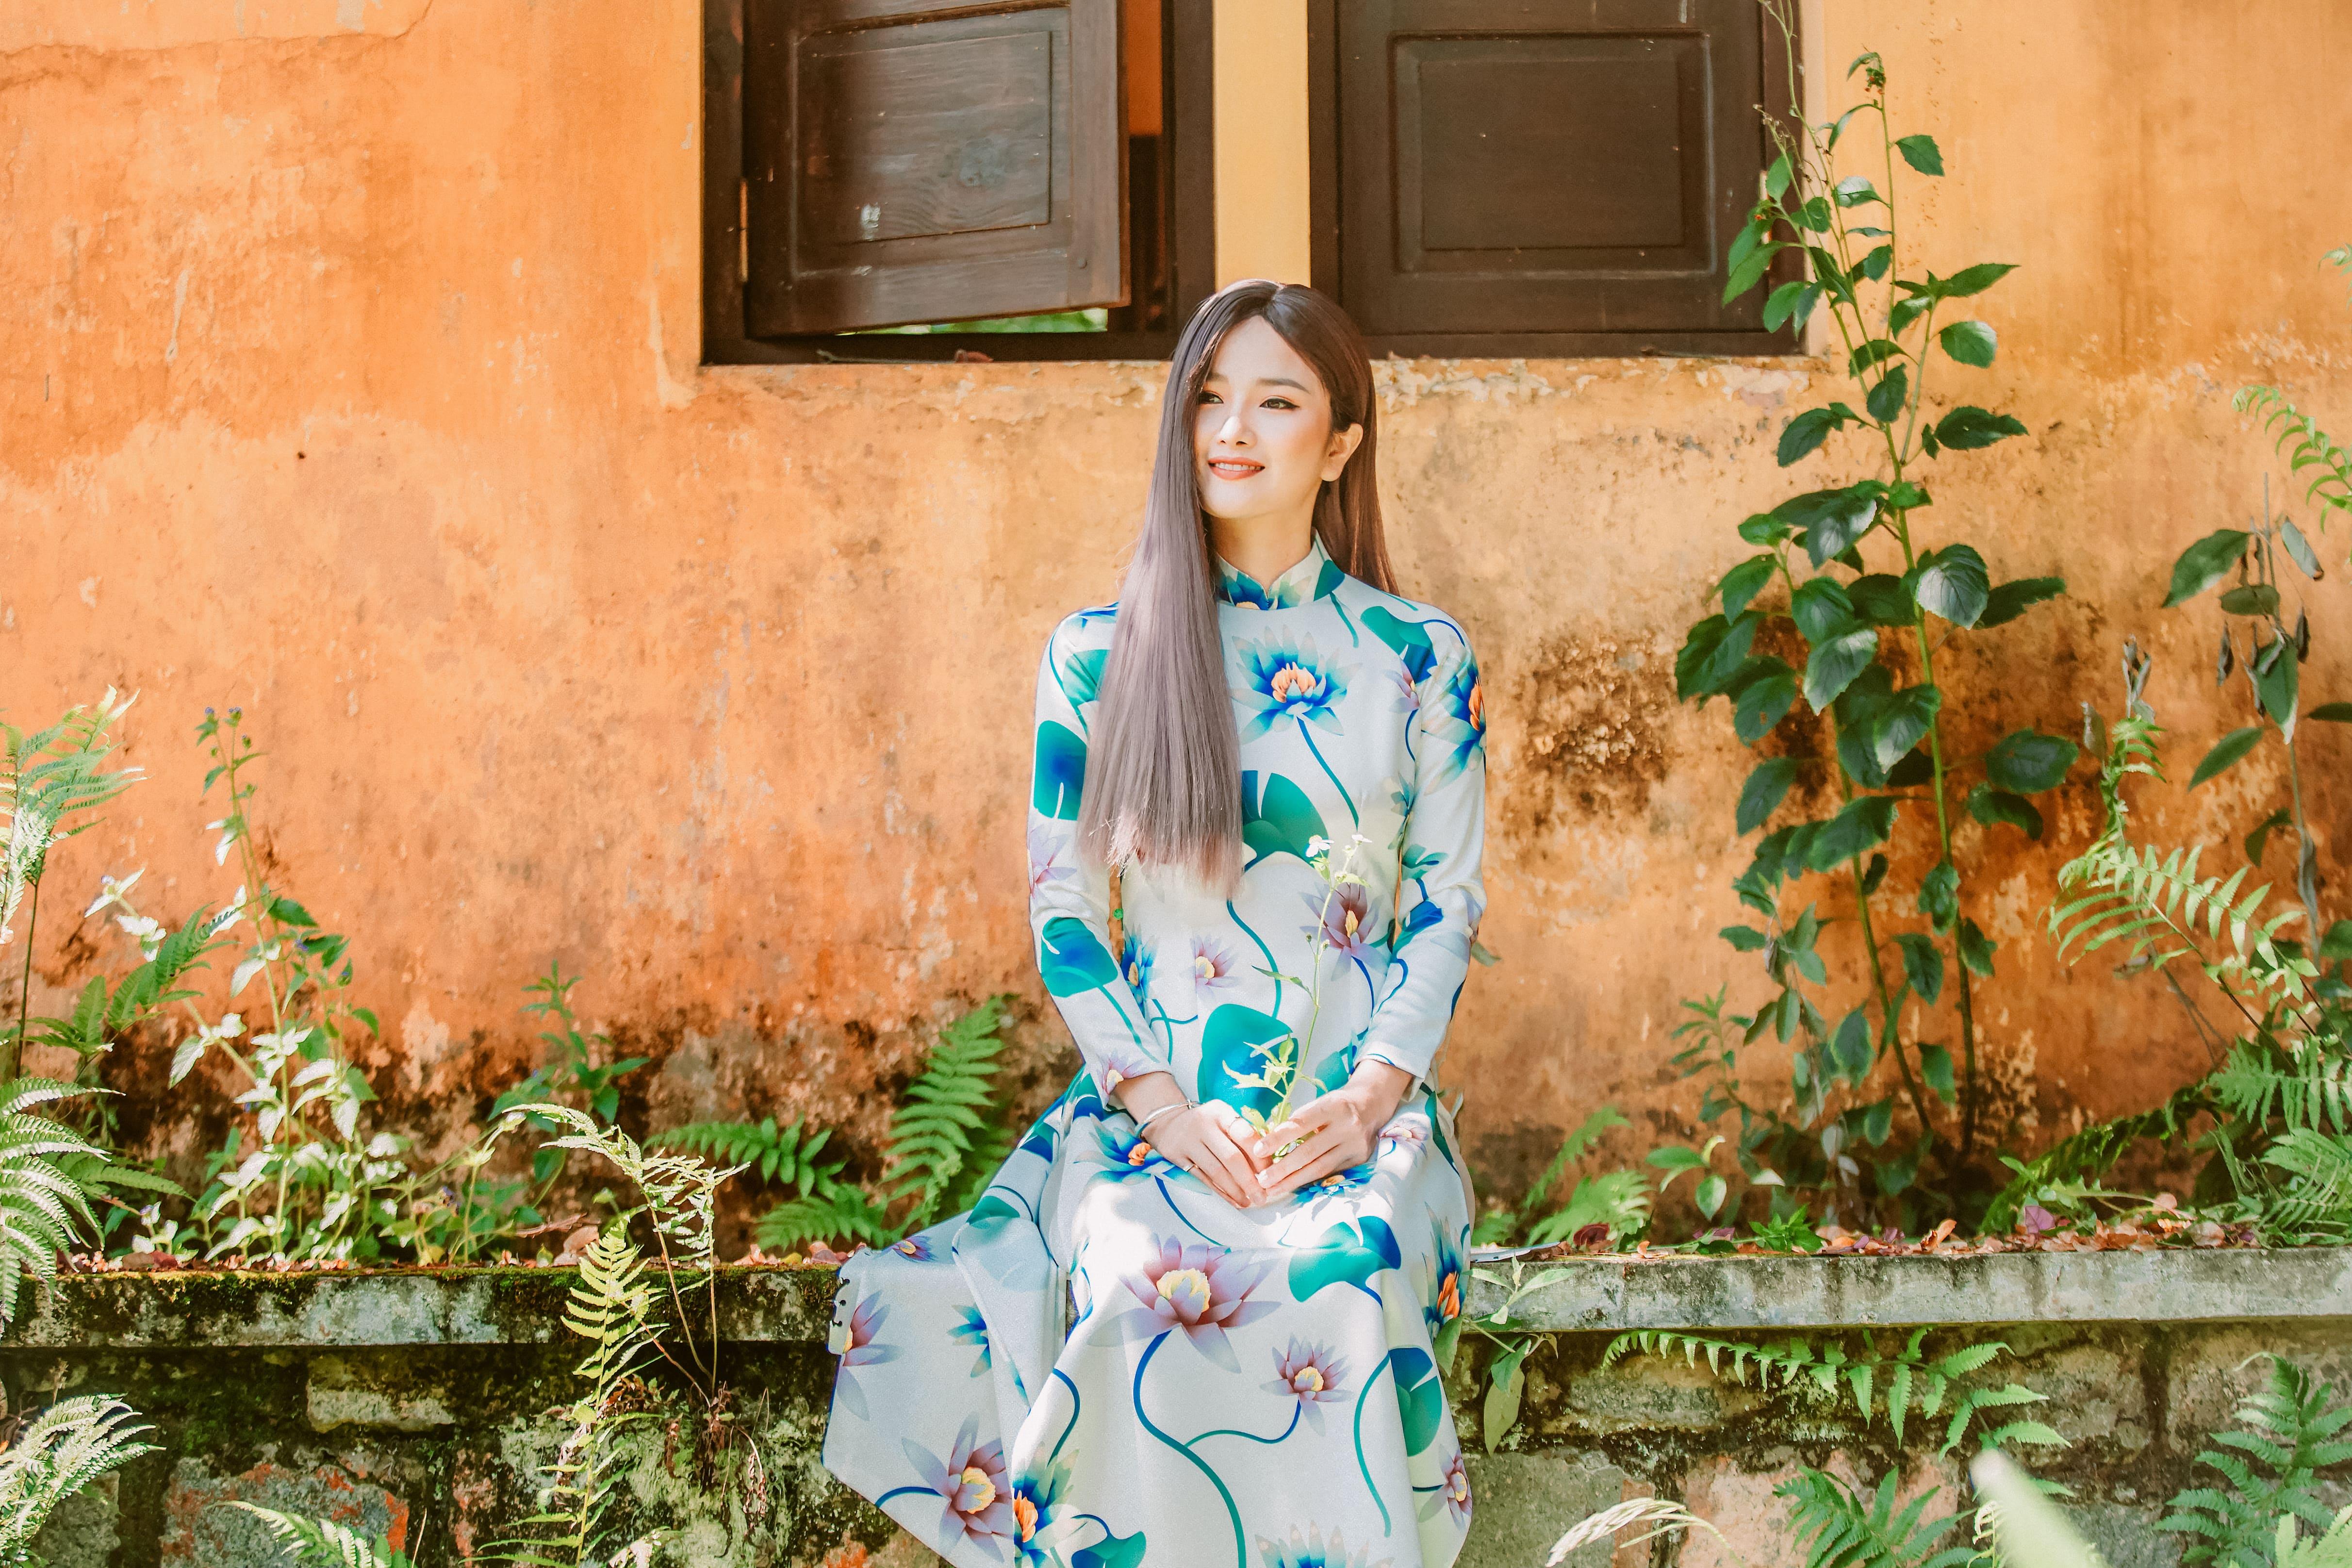 """Hoa hậu Cao Thùy Dương """"chơi lớn"""" sau 6 năm vắng bóng showbiz - 1"""